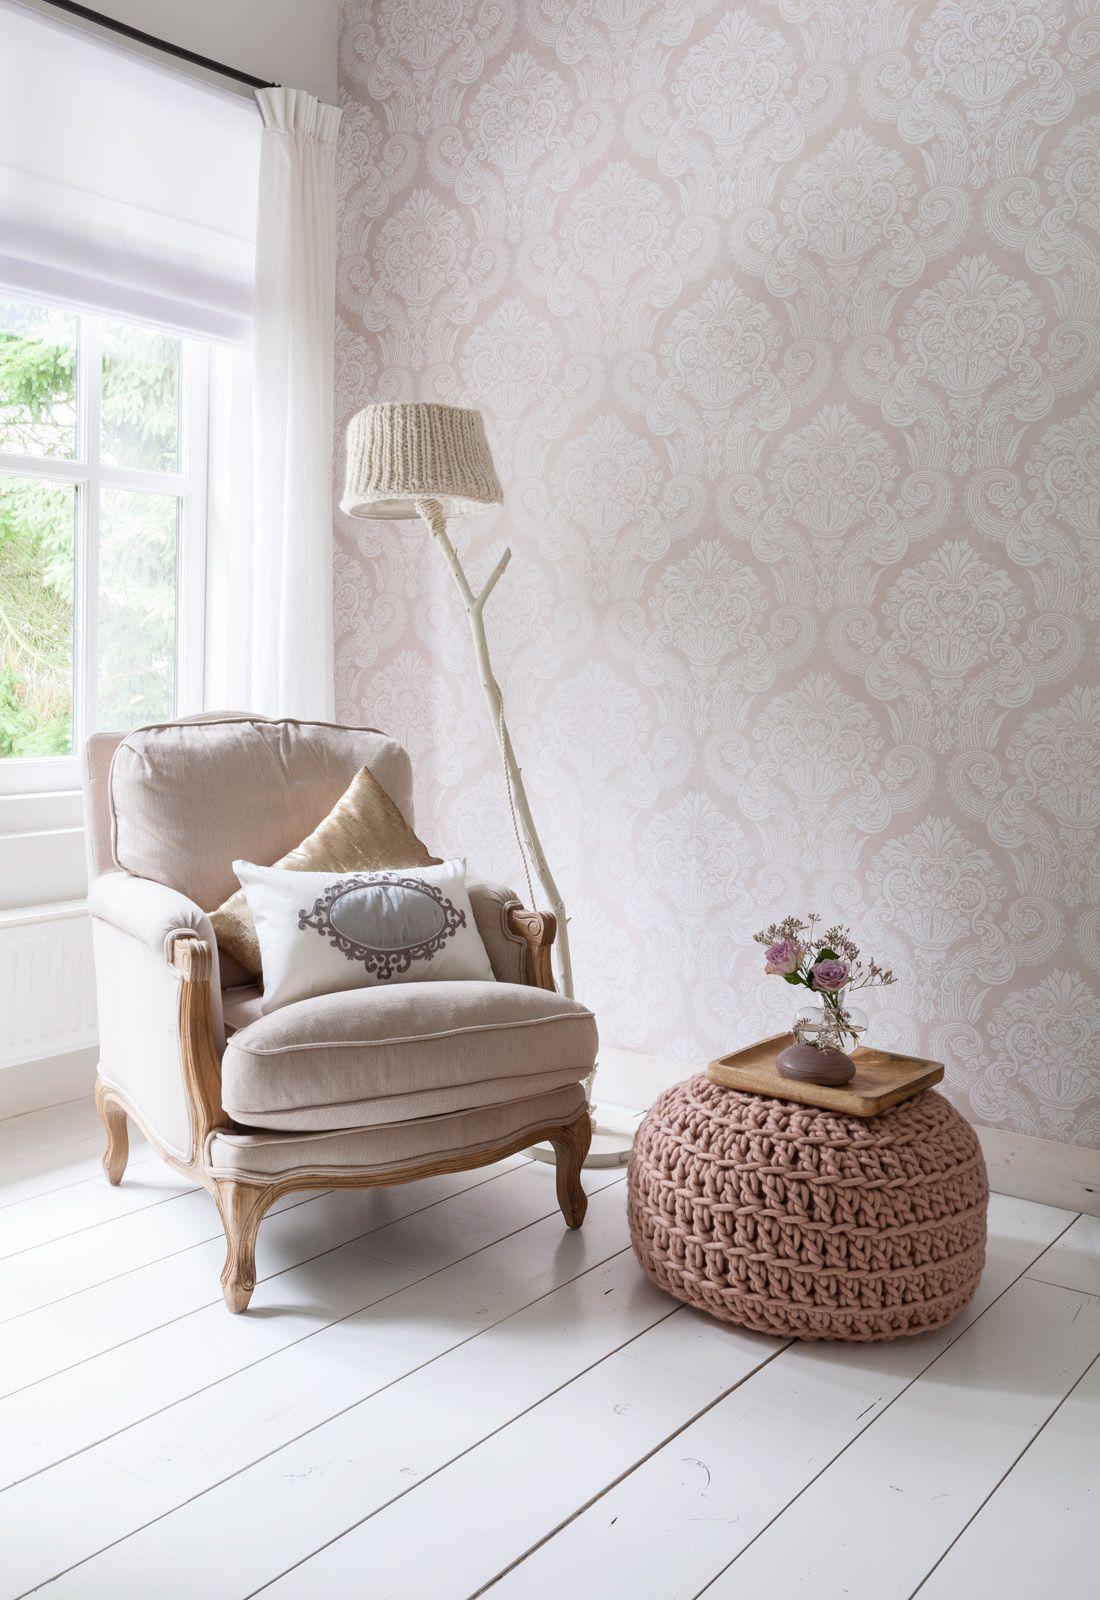 Wallpaper/behang Vintage Lane - BN Wallcoverings (leuk behang voor ...